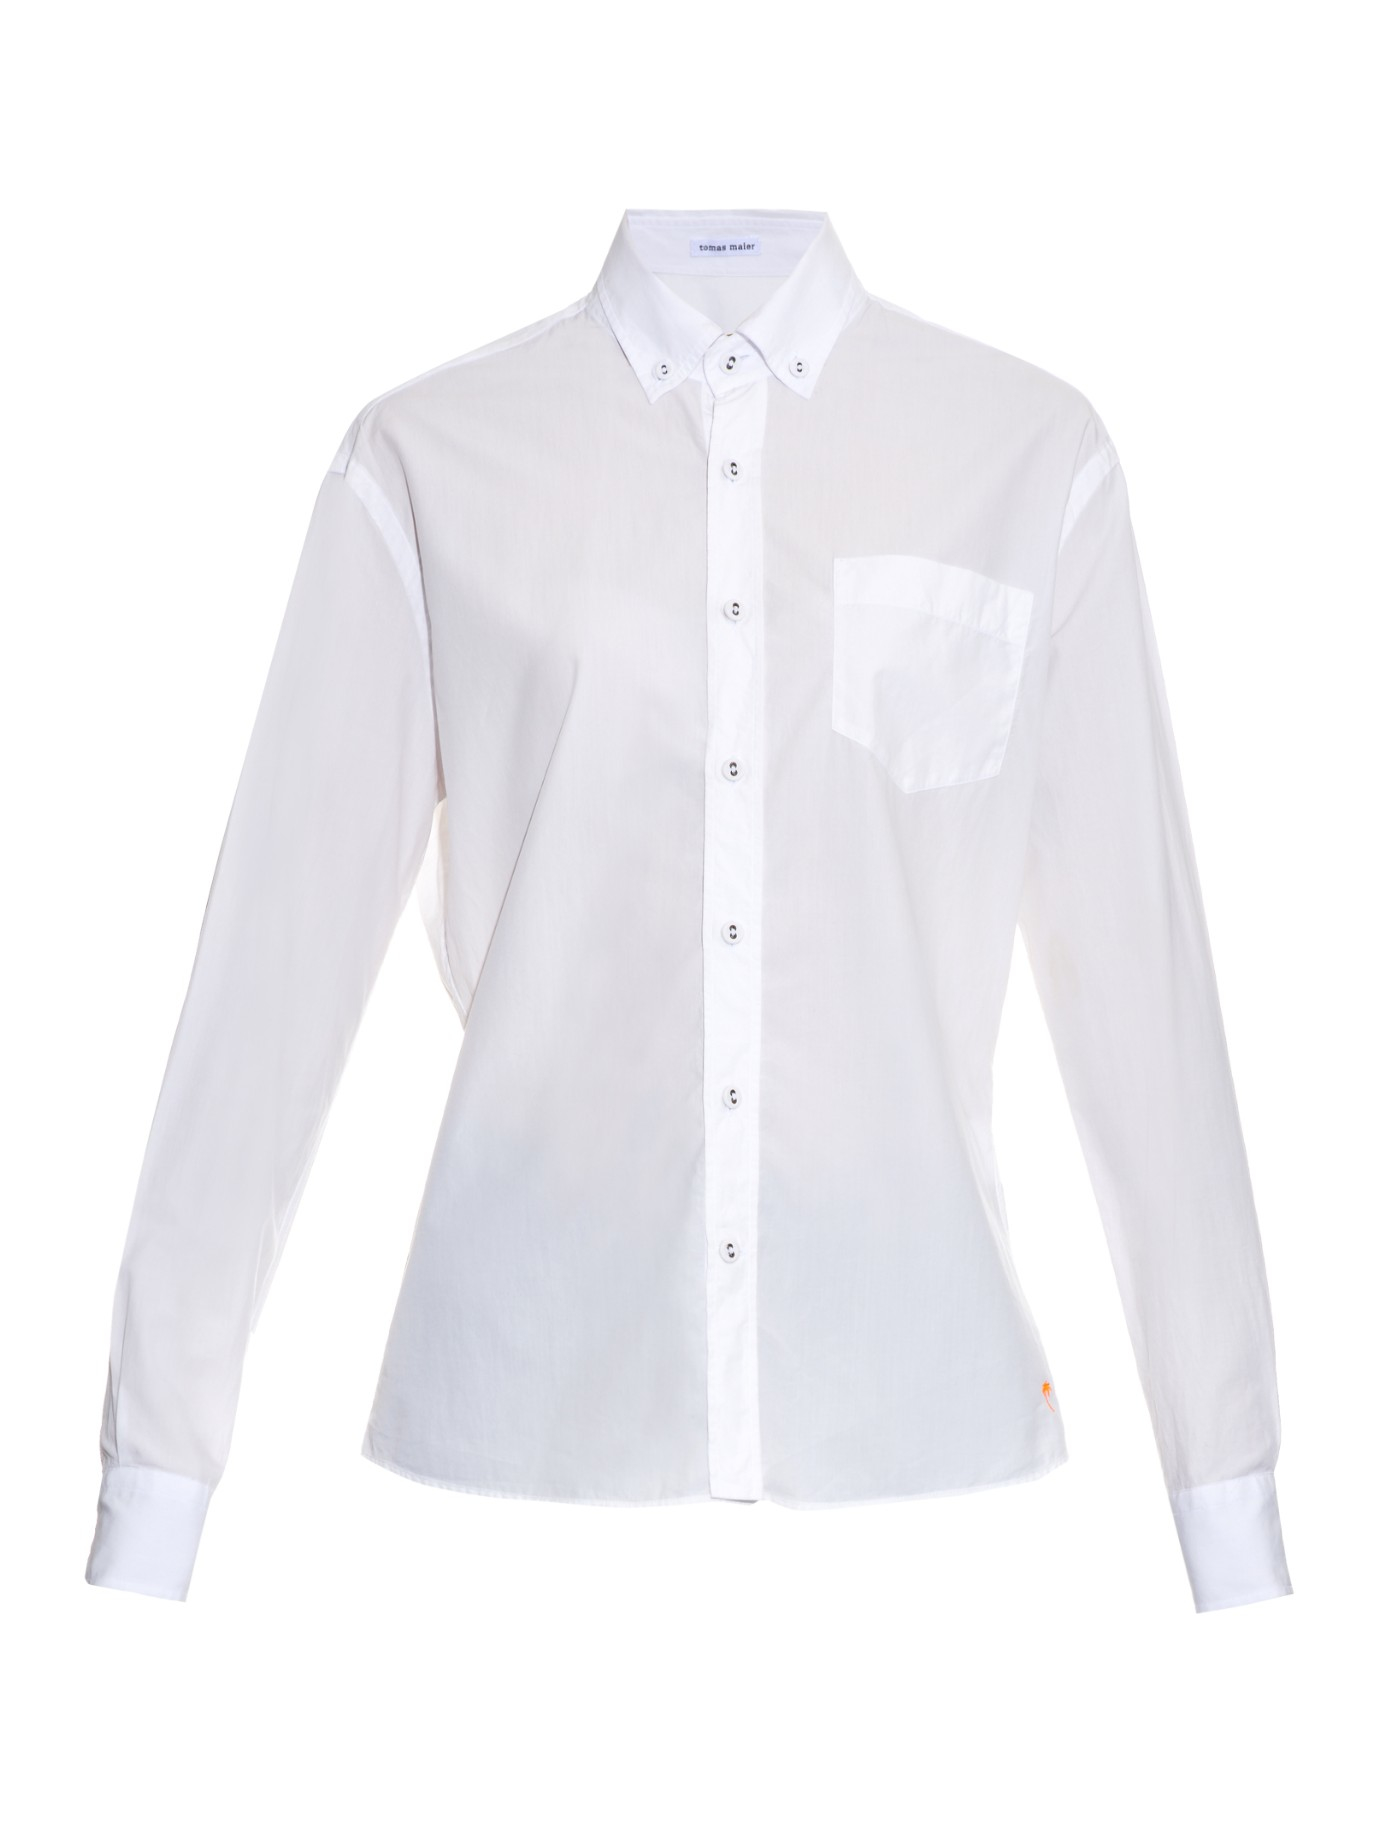 Tomas maier button down collar cotton poplin shirt in for White button down collar shirt